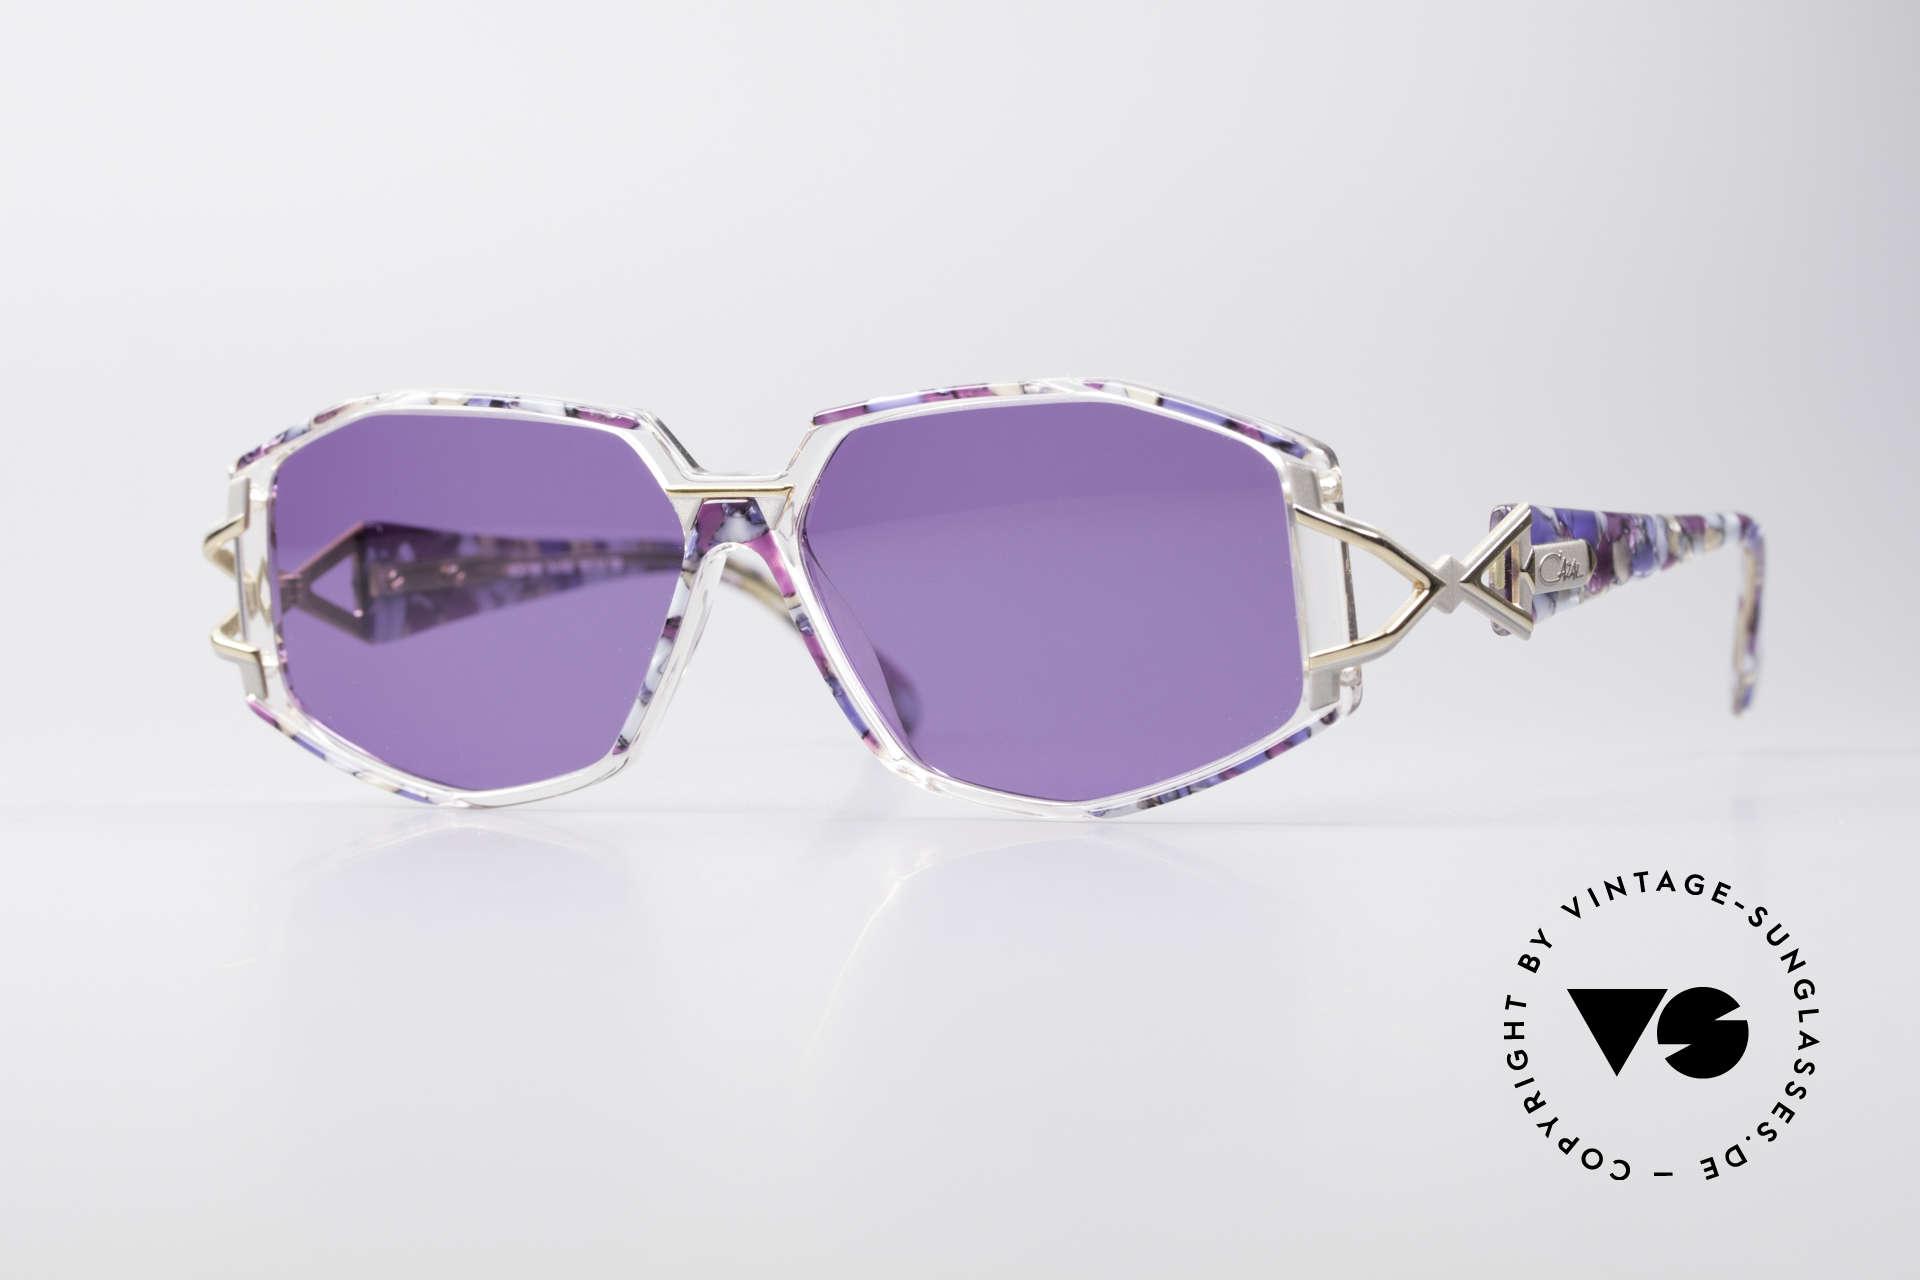 Cazal 368 90er Sonnenbrille Hip Hop Style, schmuckvolles Cazal Design der frühen 90er Jahre, Passend für Damen